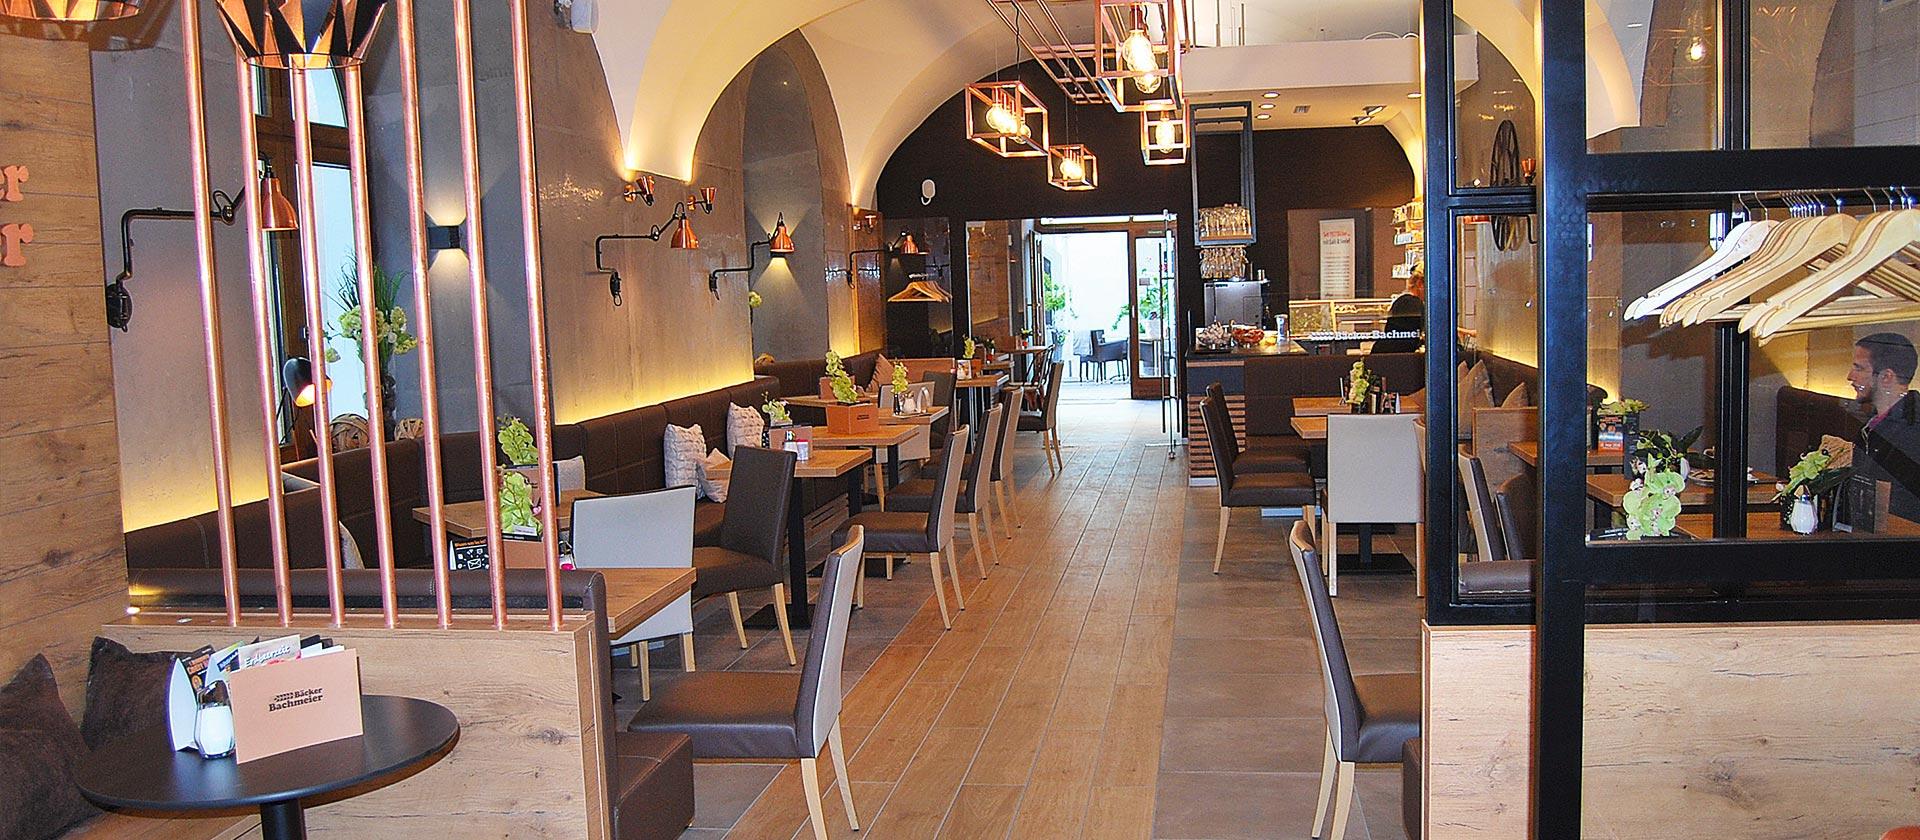 Cafe Deggendorf Bäcker Bachmeier